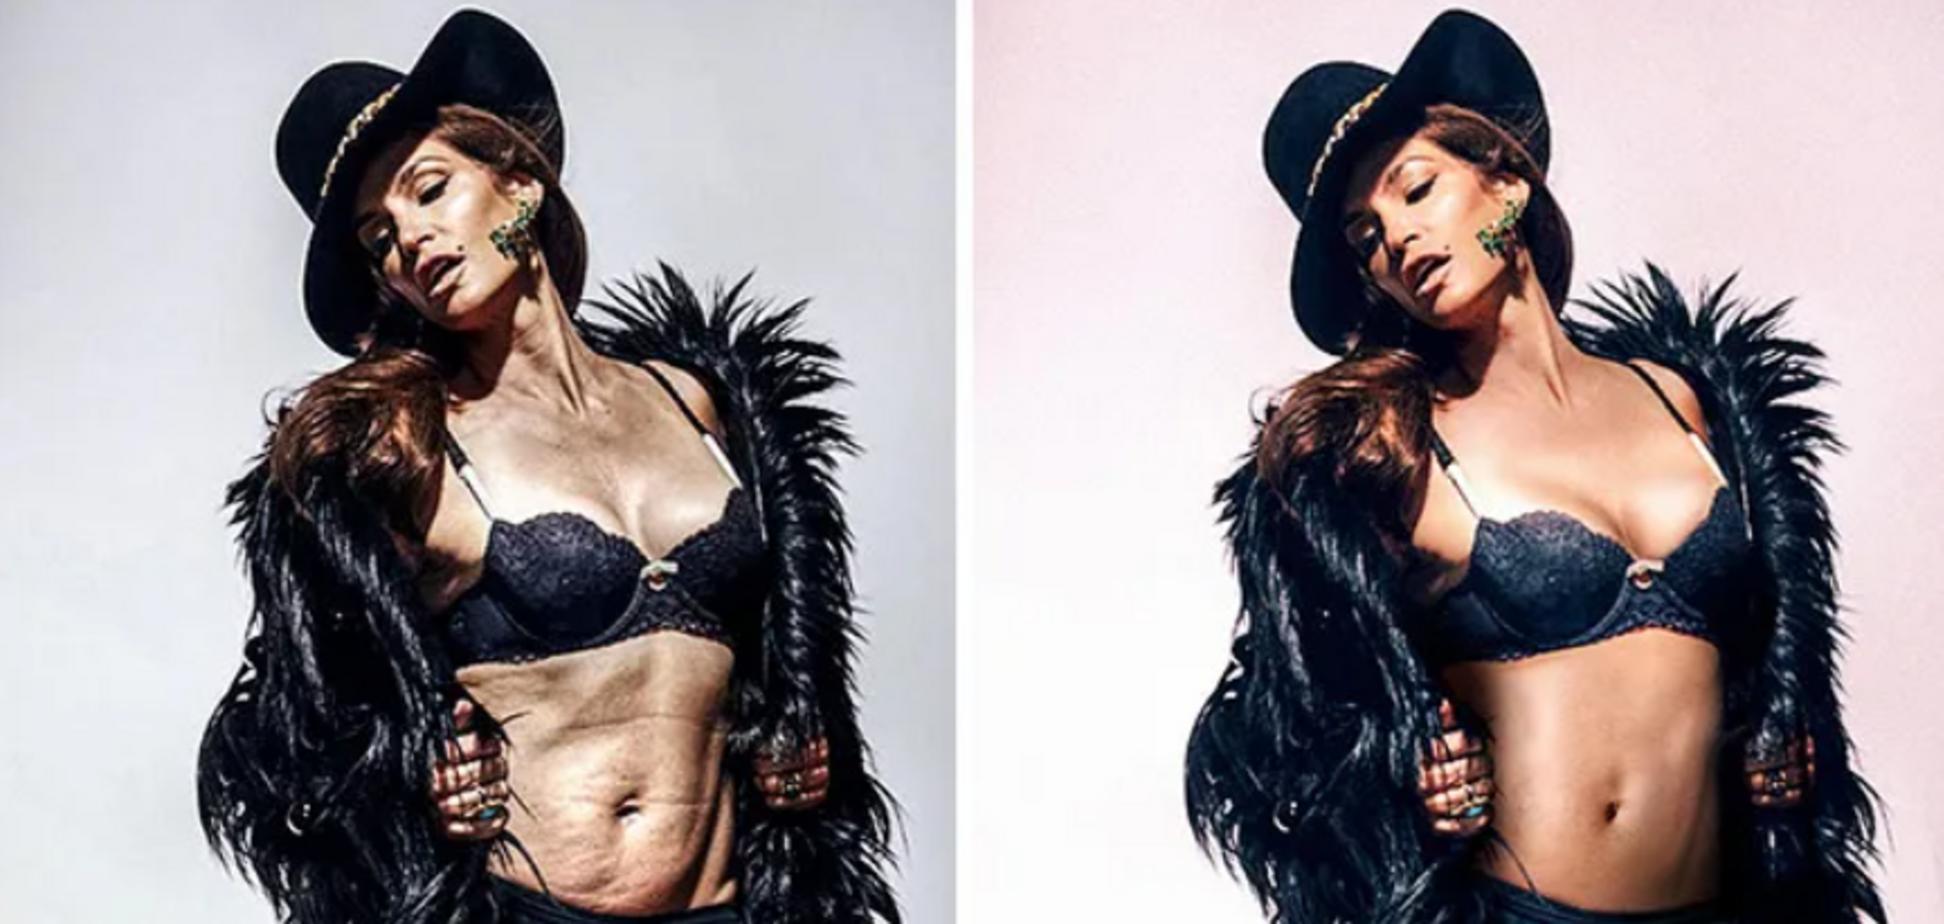 Мадонна и Ким Кардашьян редактируют фотографии в фотошопе